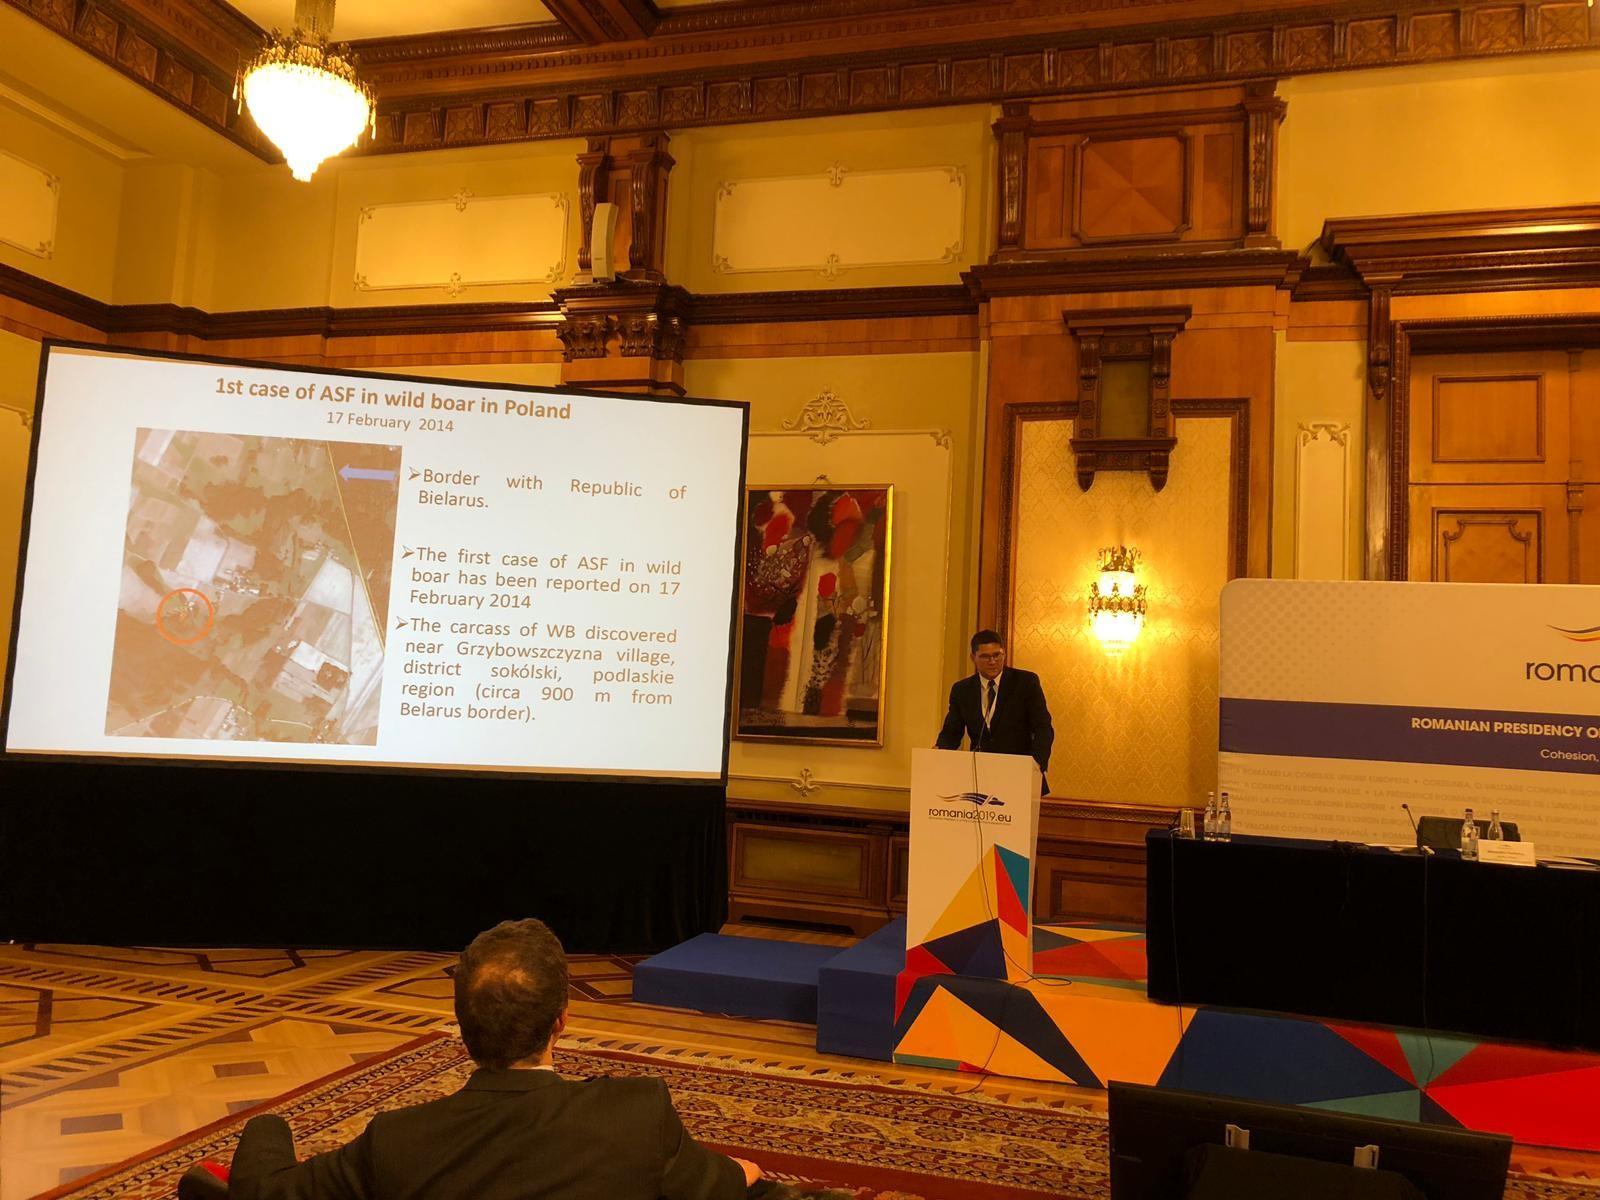 Udział Pawła Niemczuka, Zastępcy Głównego Lekarza Weterynarii, w Konferencji Wysokiego Szczebla nt. chorób transgranicznych zwierząt